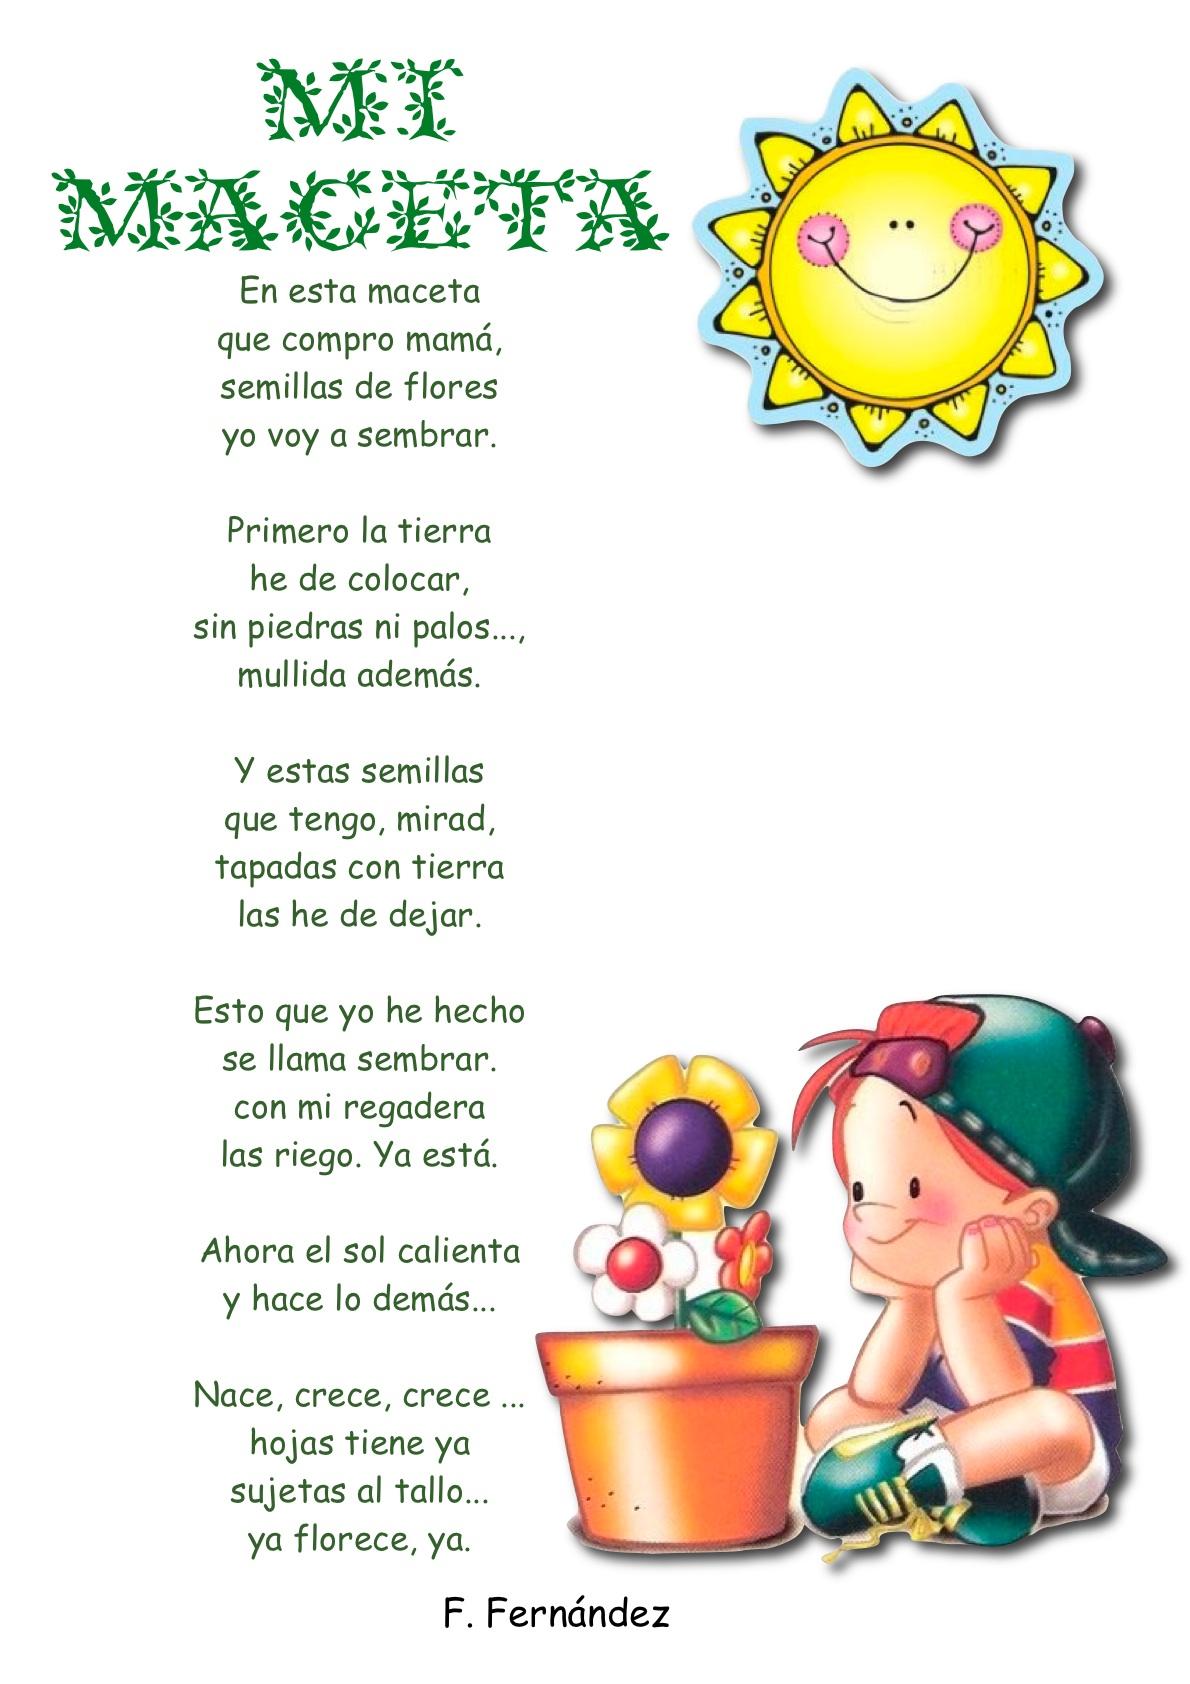 Poemas Infantiles Para Imprimir Y Leer A Los Niños Y Niñas